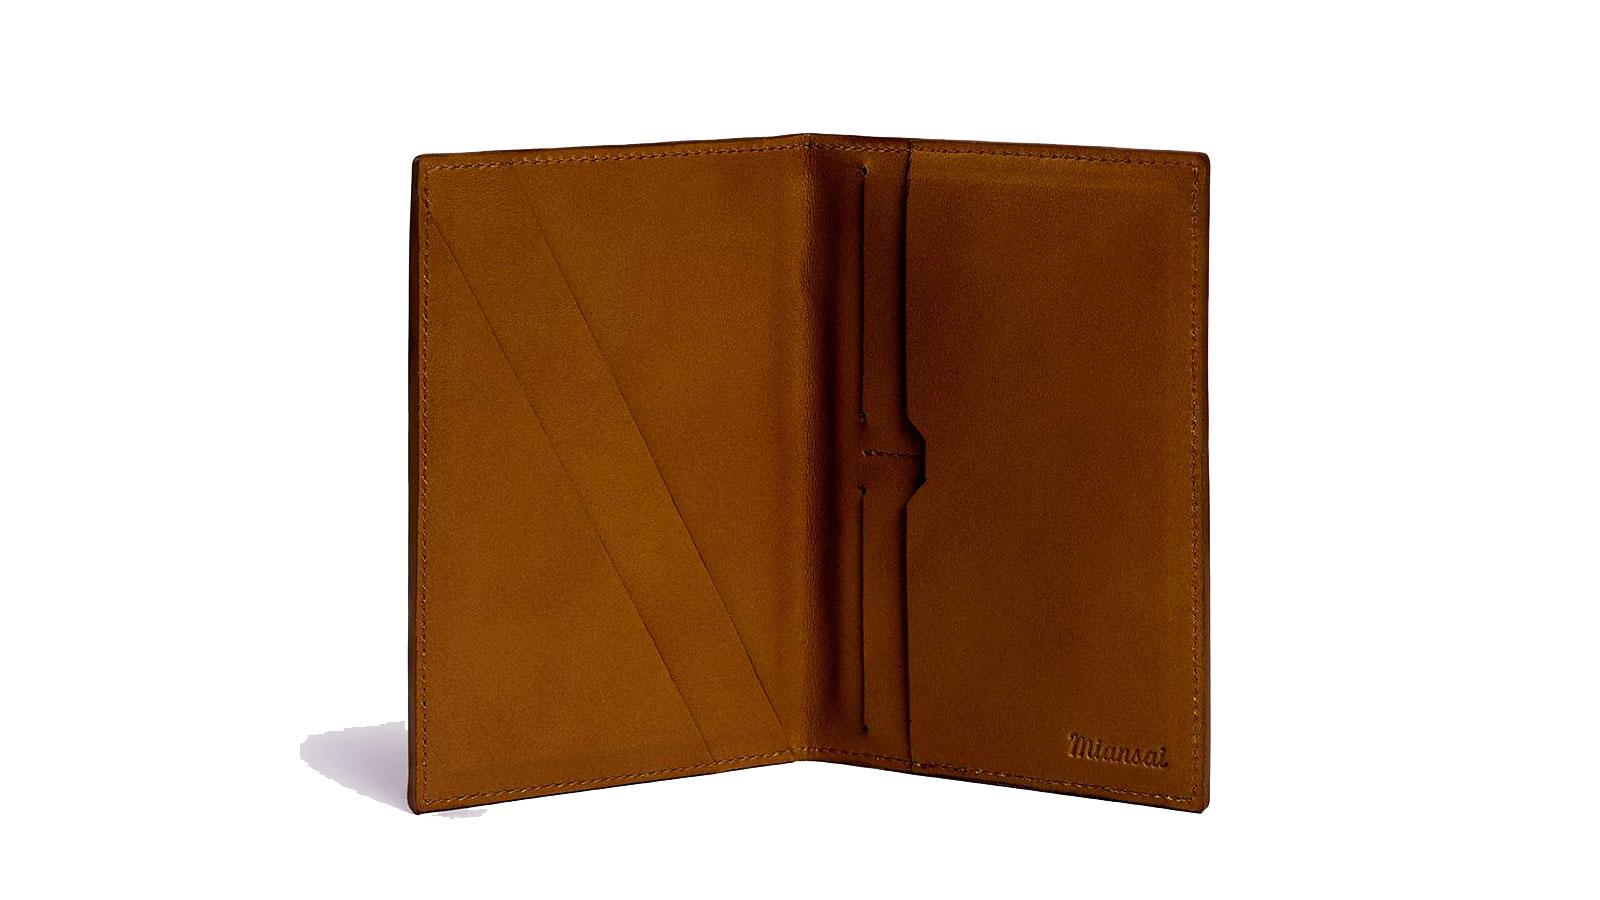 Miansai Modern Passport Wallet   best passport holders for men